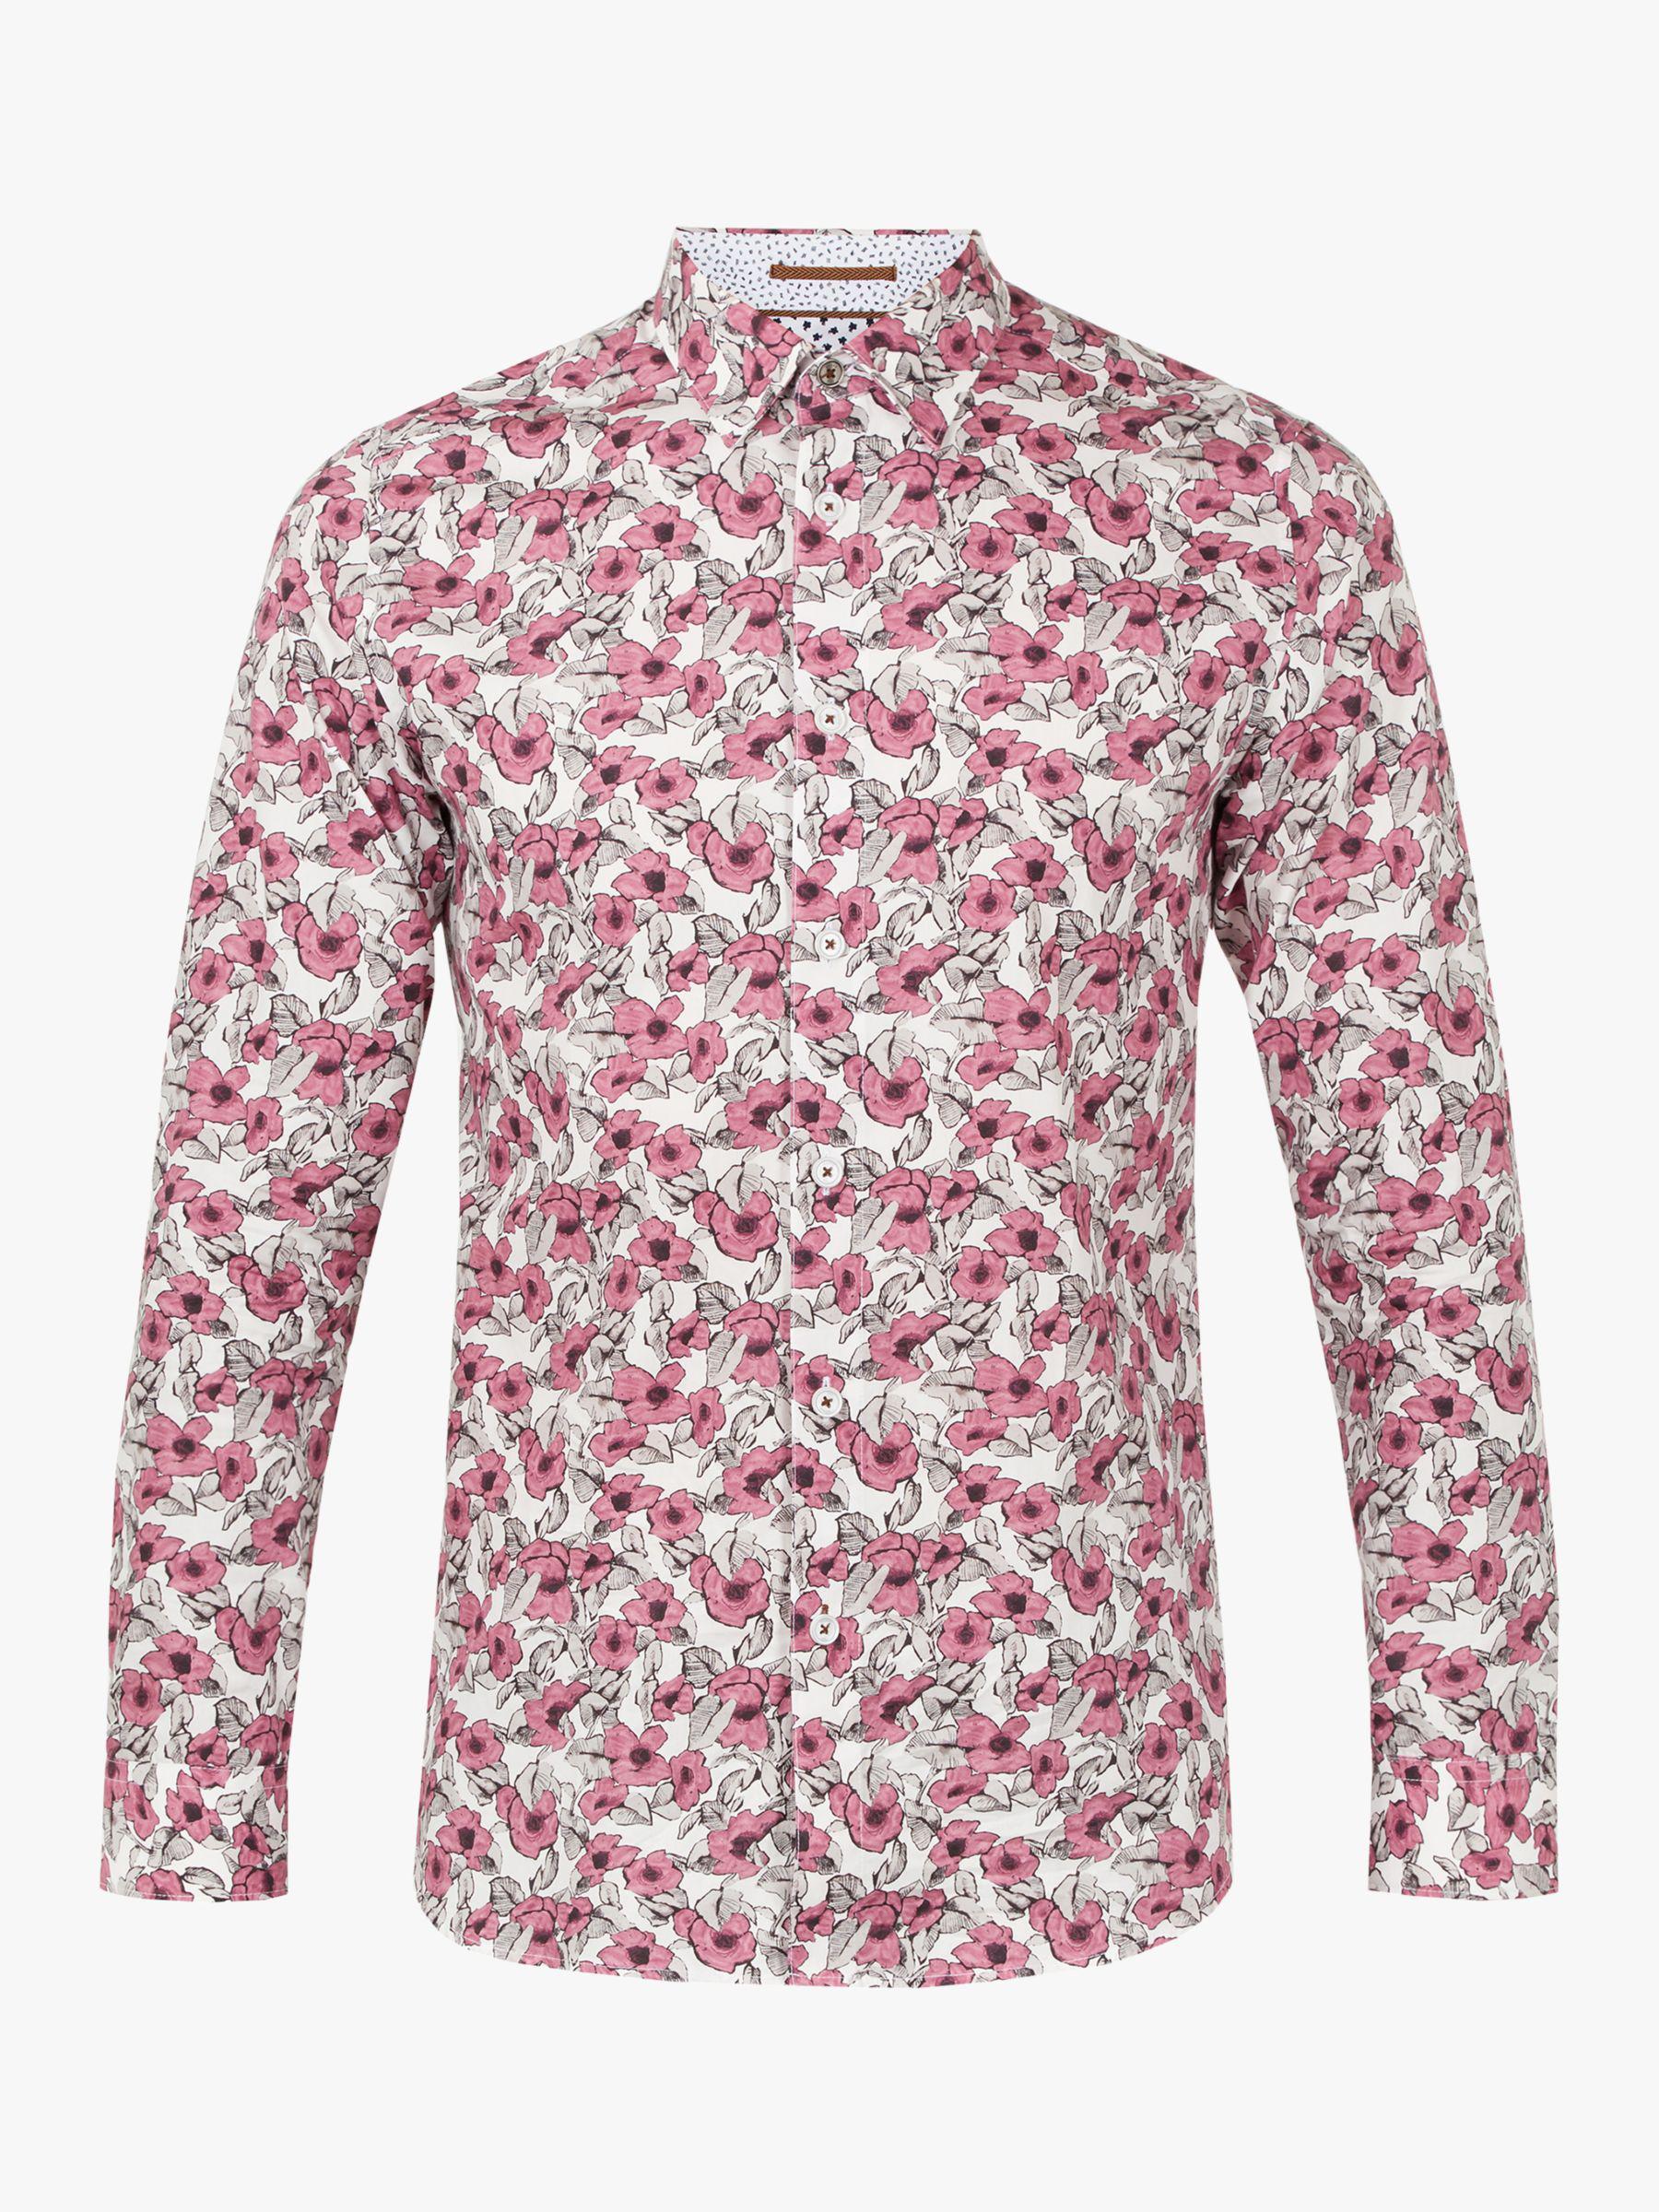 07616afe5 Ted Baker Croydon Long Sleeve Floral Shirt in Pink for Men - Lyst